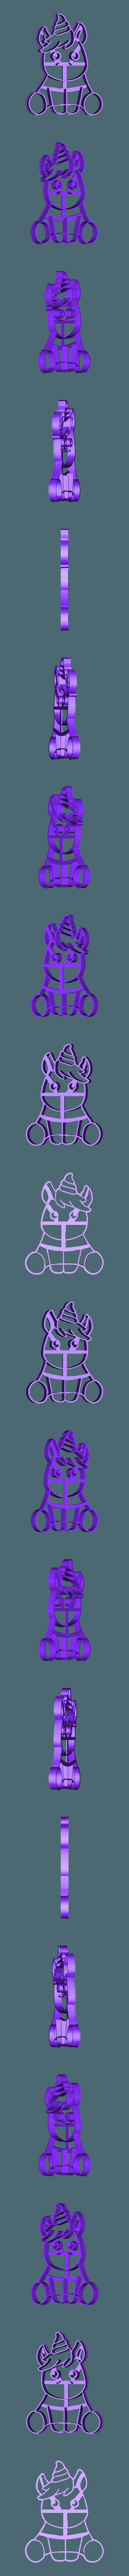 unicornio bb interior.stl Download STL file unicorn cookie cutter unicorns • 3D print model, PatricioVazquez